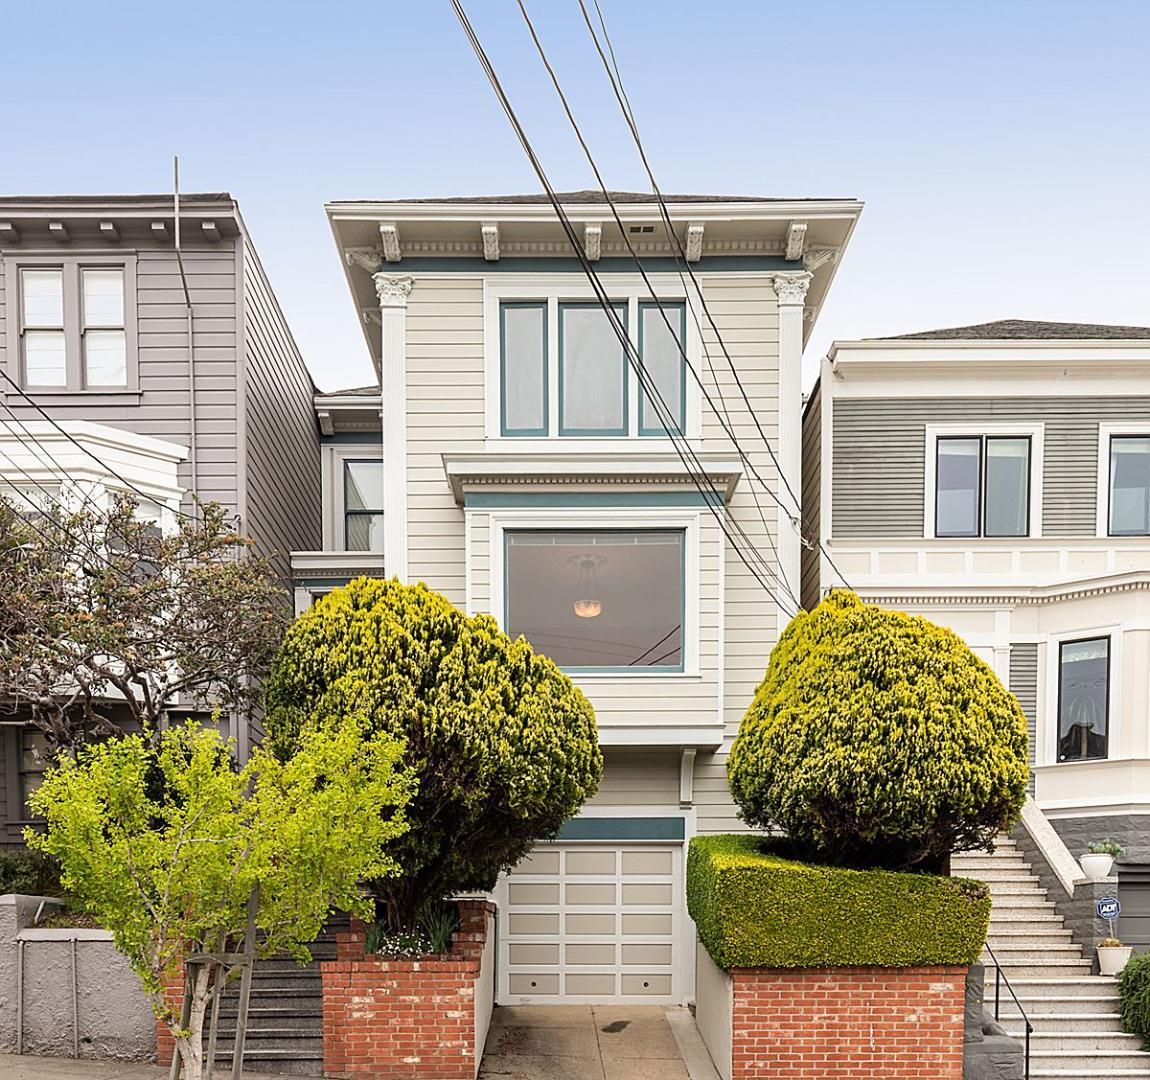 Image for 764 Elizabeth Street, <br>San Francisco 94114